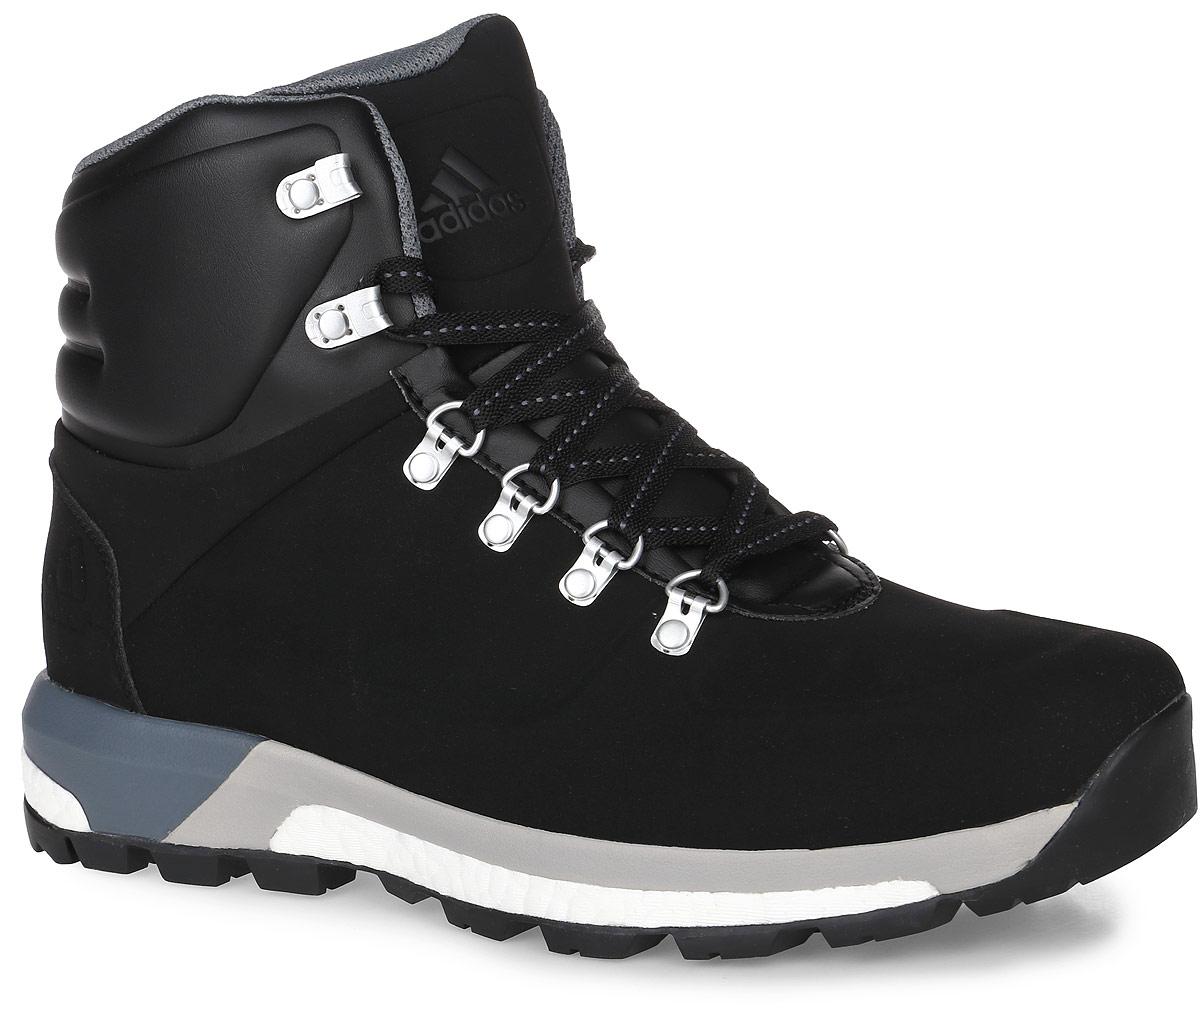 AQ4050Модель CW Pathmaker от adidas - урбанистическая версия классических туристических ботинок. Верх выполнен из искусственной кожи. Мужская модель с промежуточной подошвой boost, возвращающей энергию каждого шага, обеспечивает максимальную амортизацию и сохраняет свои свойства даже при сильных перепадах температуры. Удобная текстильная подкладка и высокотехнологичный синтетический наполнитель Primaloft продолжают греть даже во влажном состоянии, дышащая технология Climawarm сохраняет ноги в тепле и сухости. Резиновая подошва Continental обеспечивает отличное сцепление на любой поверхности: от сухого грунта до скользких горных троп. Пяточный каркас из ЭВА и система Pro-Moderator для поддержки средней части стопы и устойчивости. Комфортное литое голенище. Классическая шнуровка, металлические полукольца и крючки для шнуровки надежно зафиксируют модель на ноге.